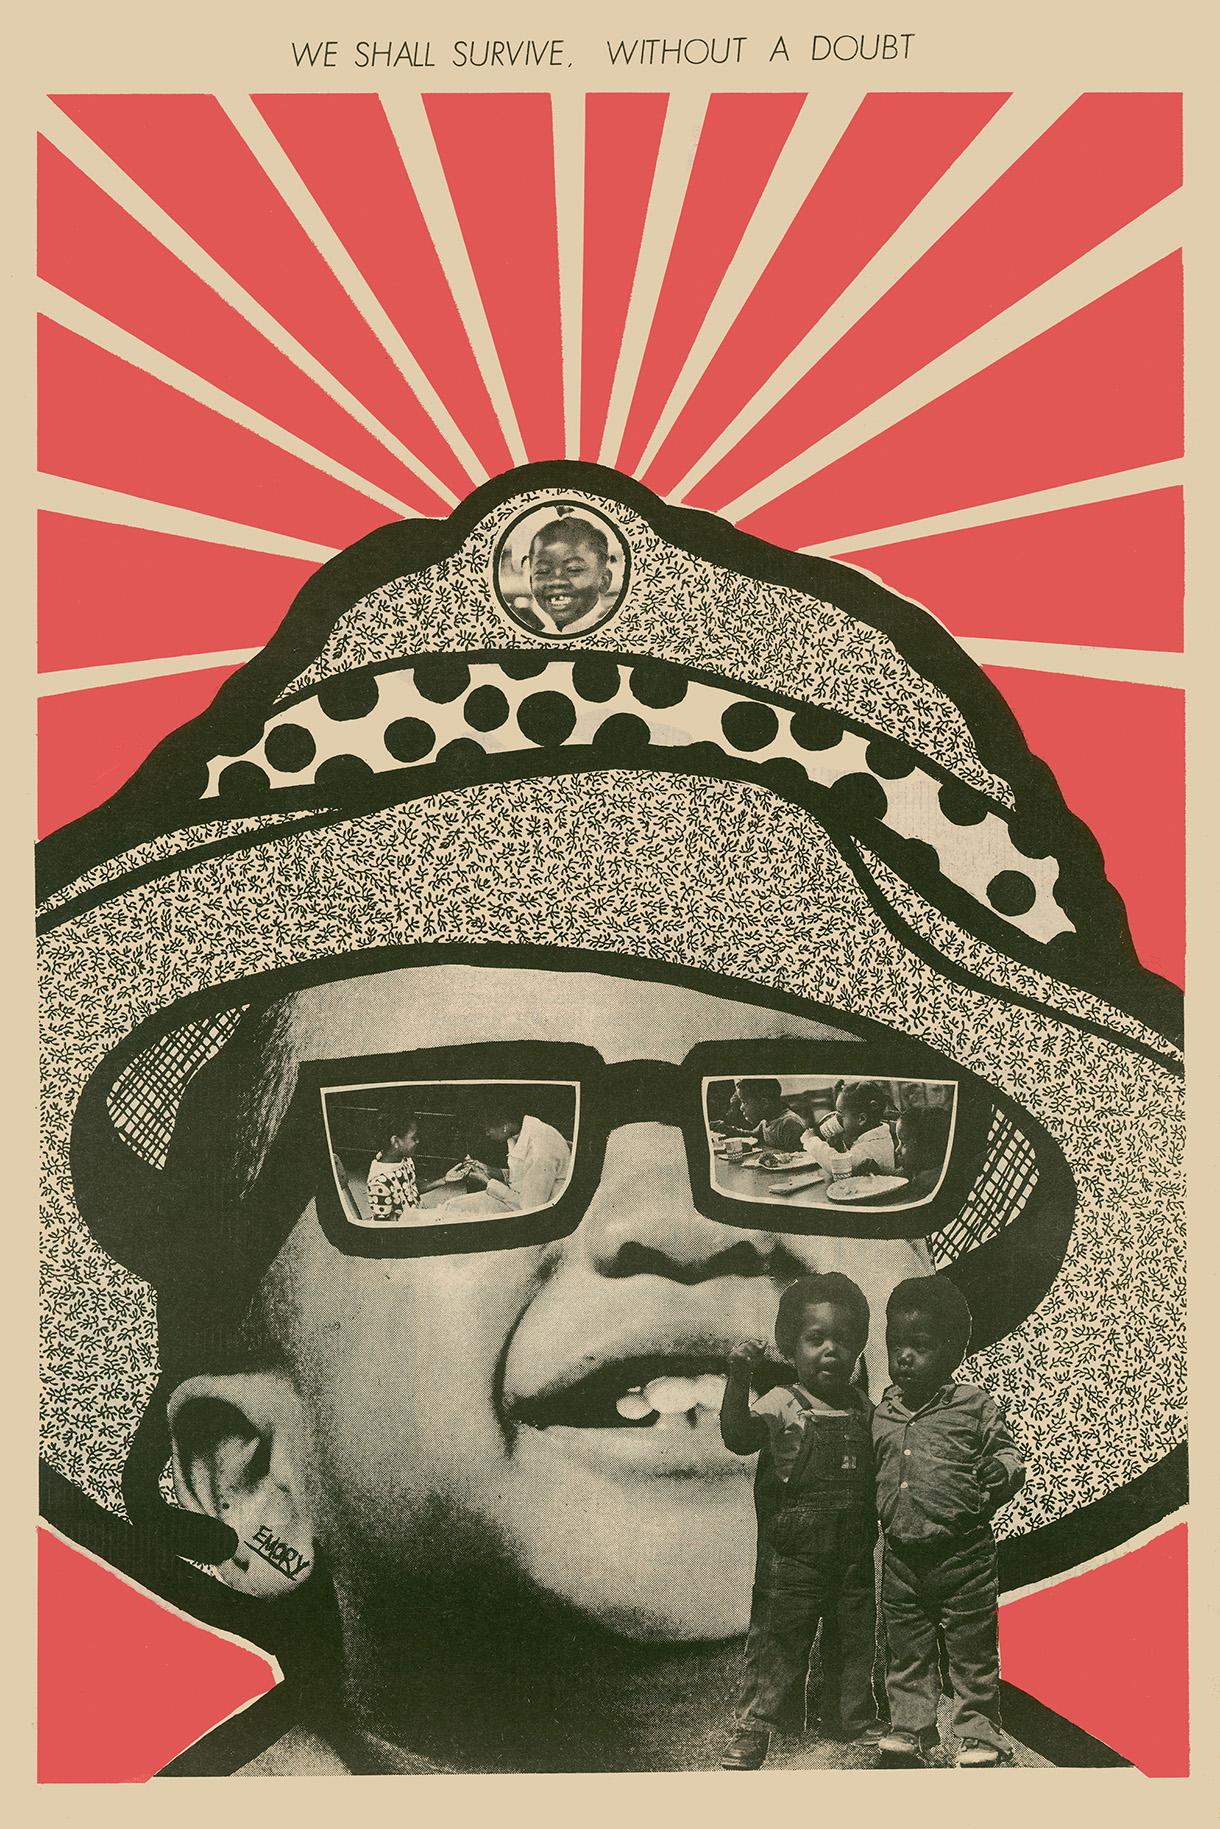 70年代作品宣傳黑豹黨的免費兒童早餐活動